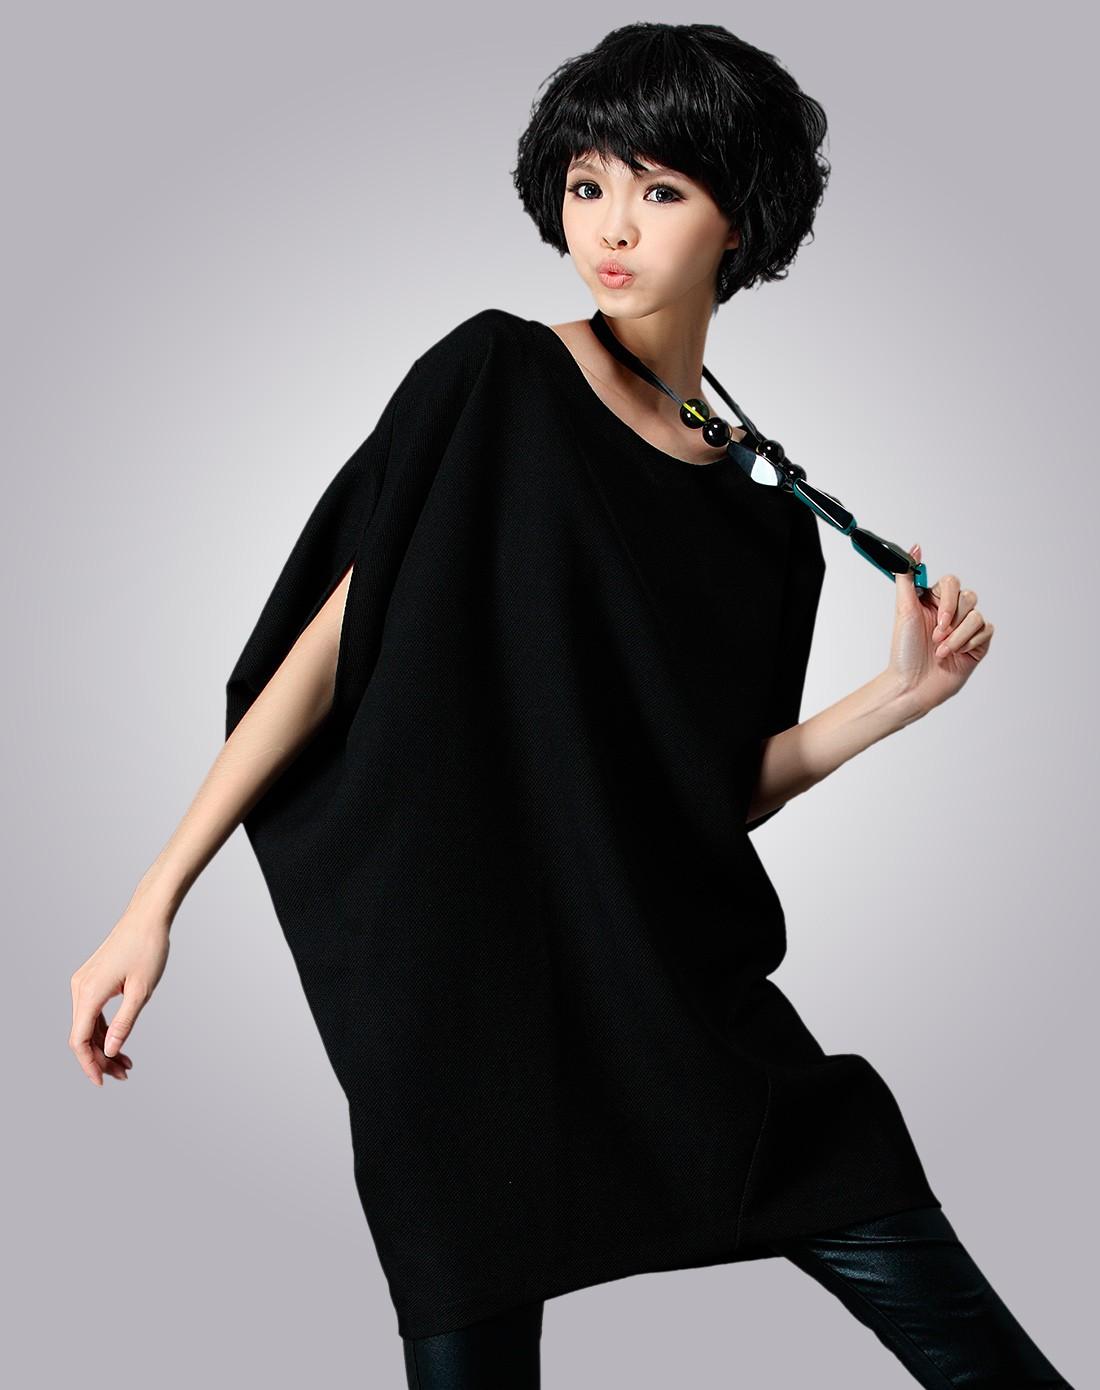 女黑礹/&�yi)��-z)�bi_女黑色连衣裙